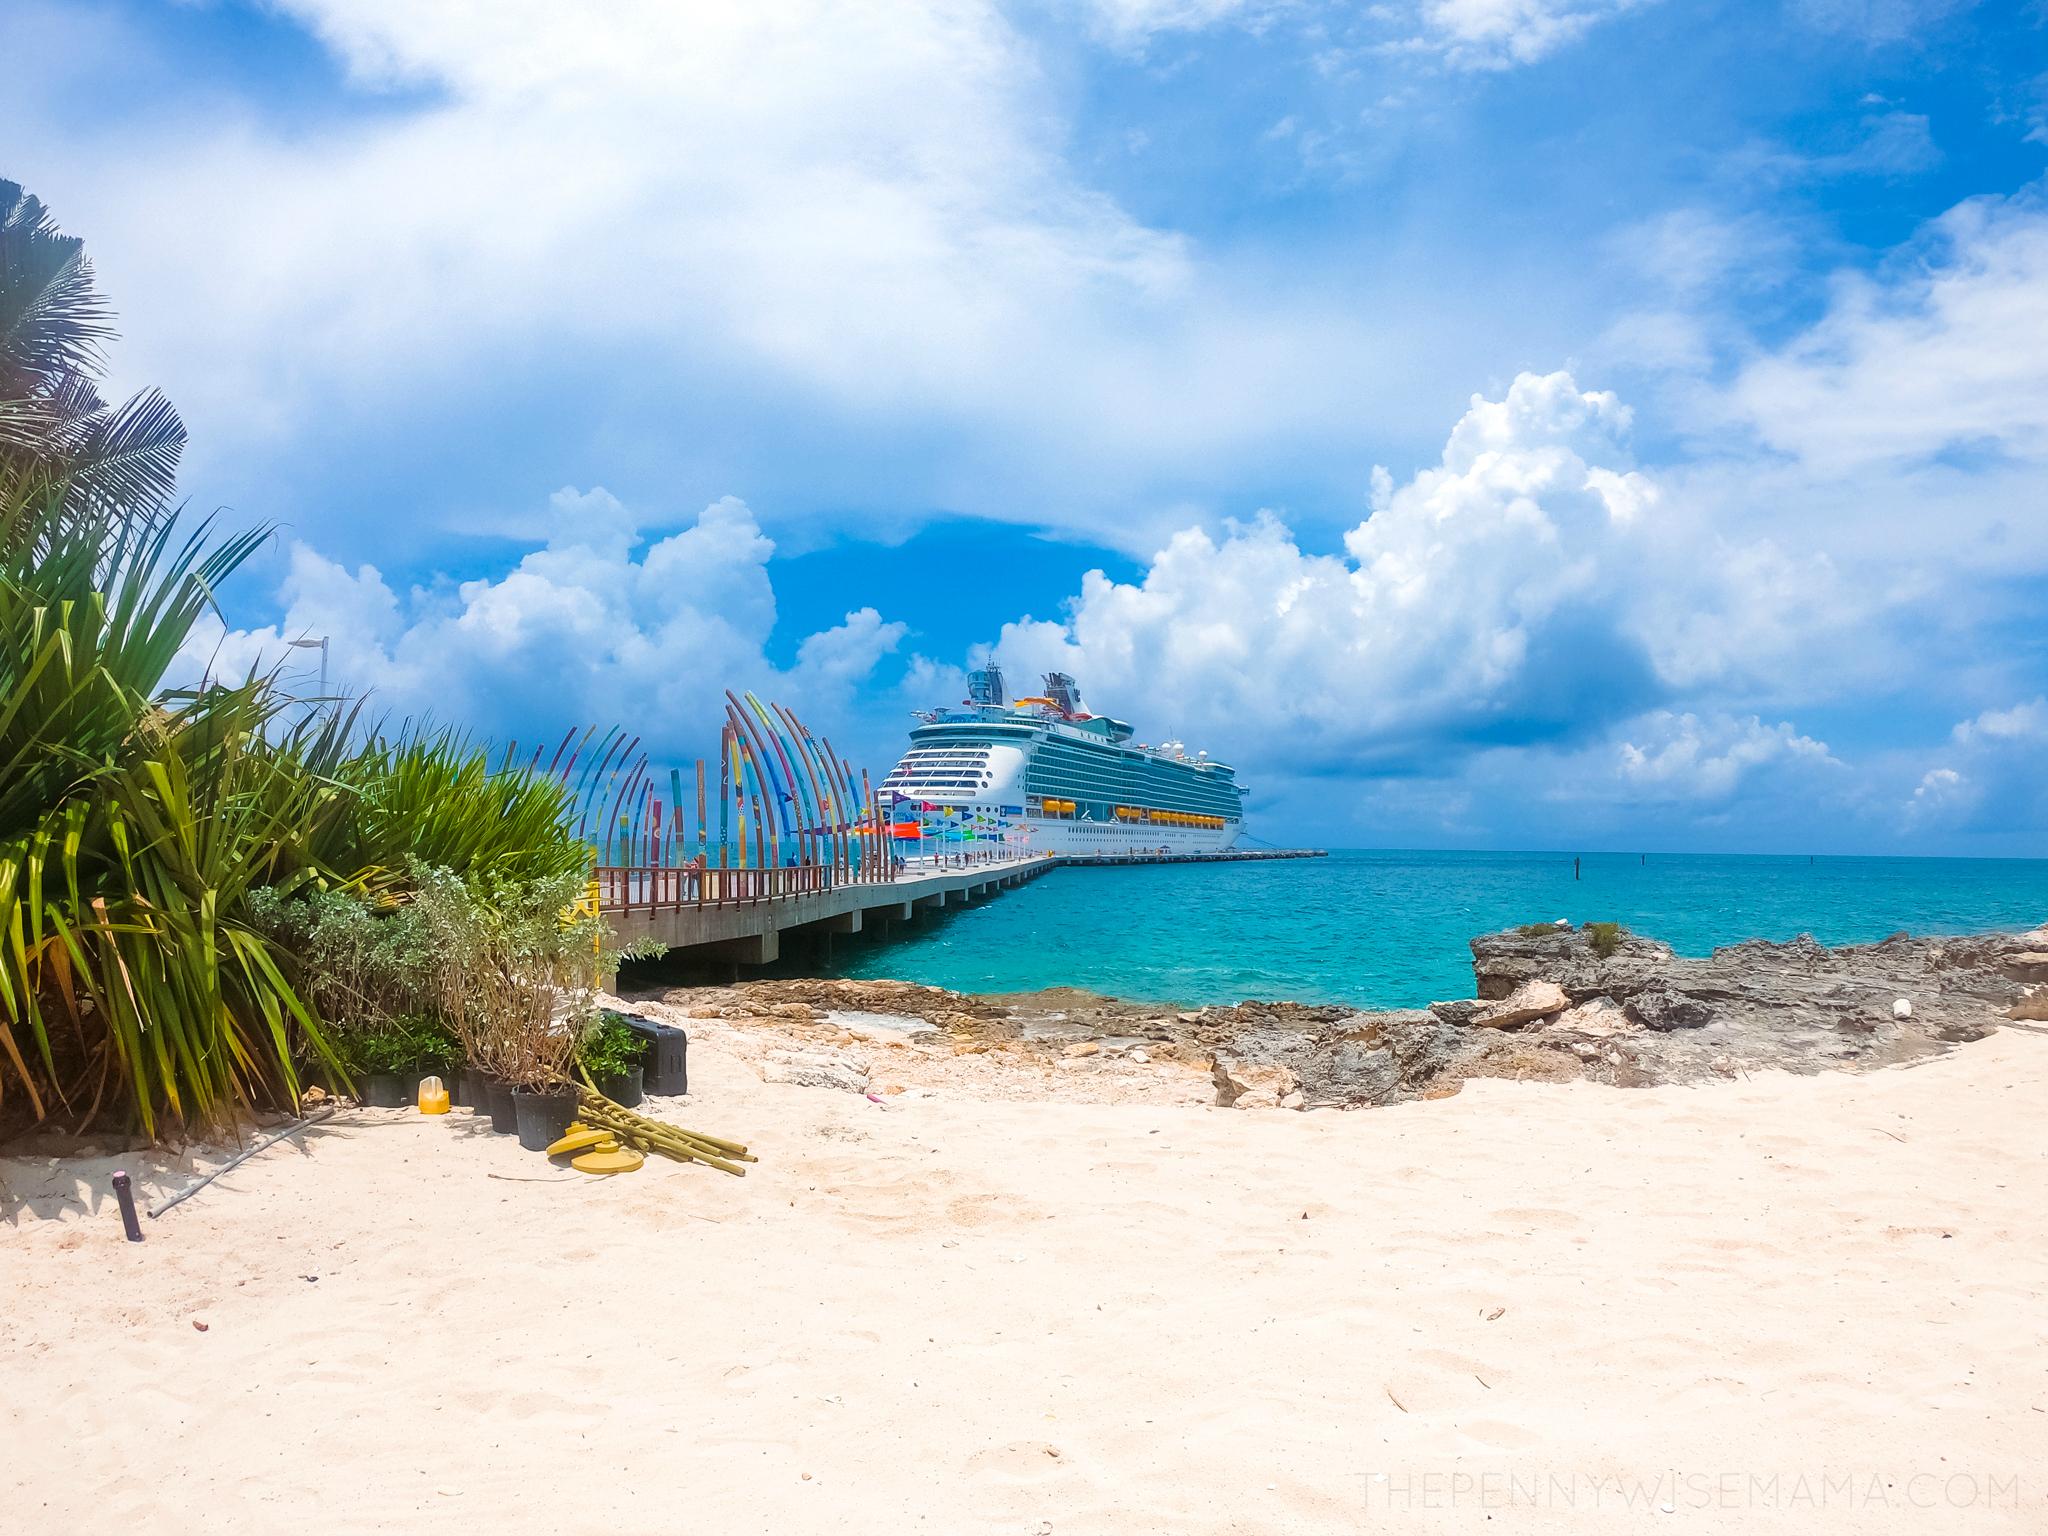 Royal Caribbean's Navigator of the Seas Docked at Perfect Day at CocoCay